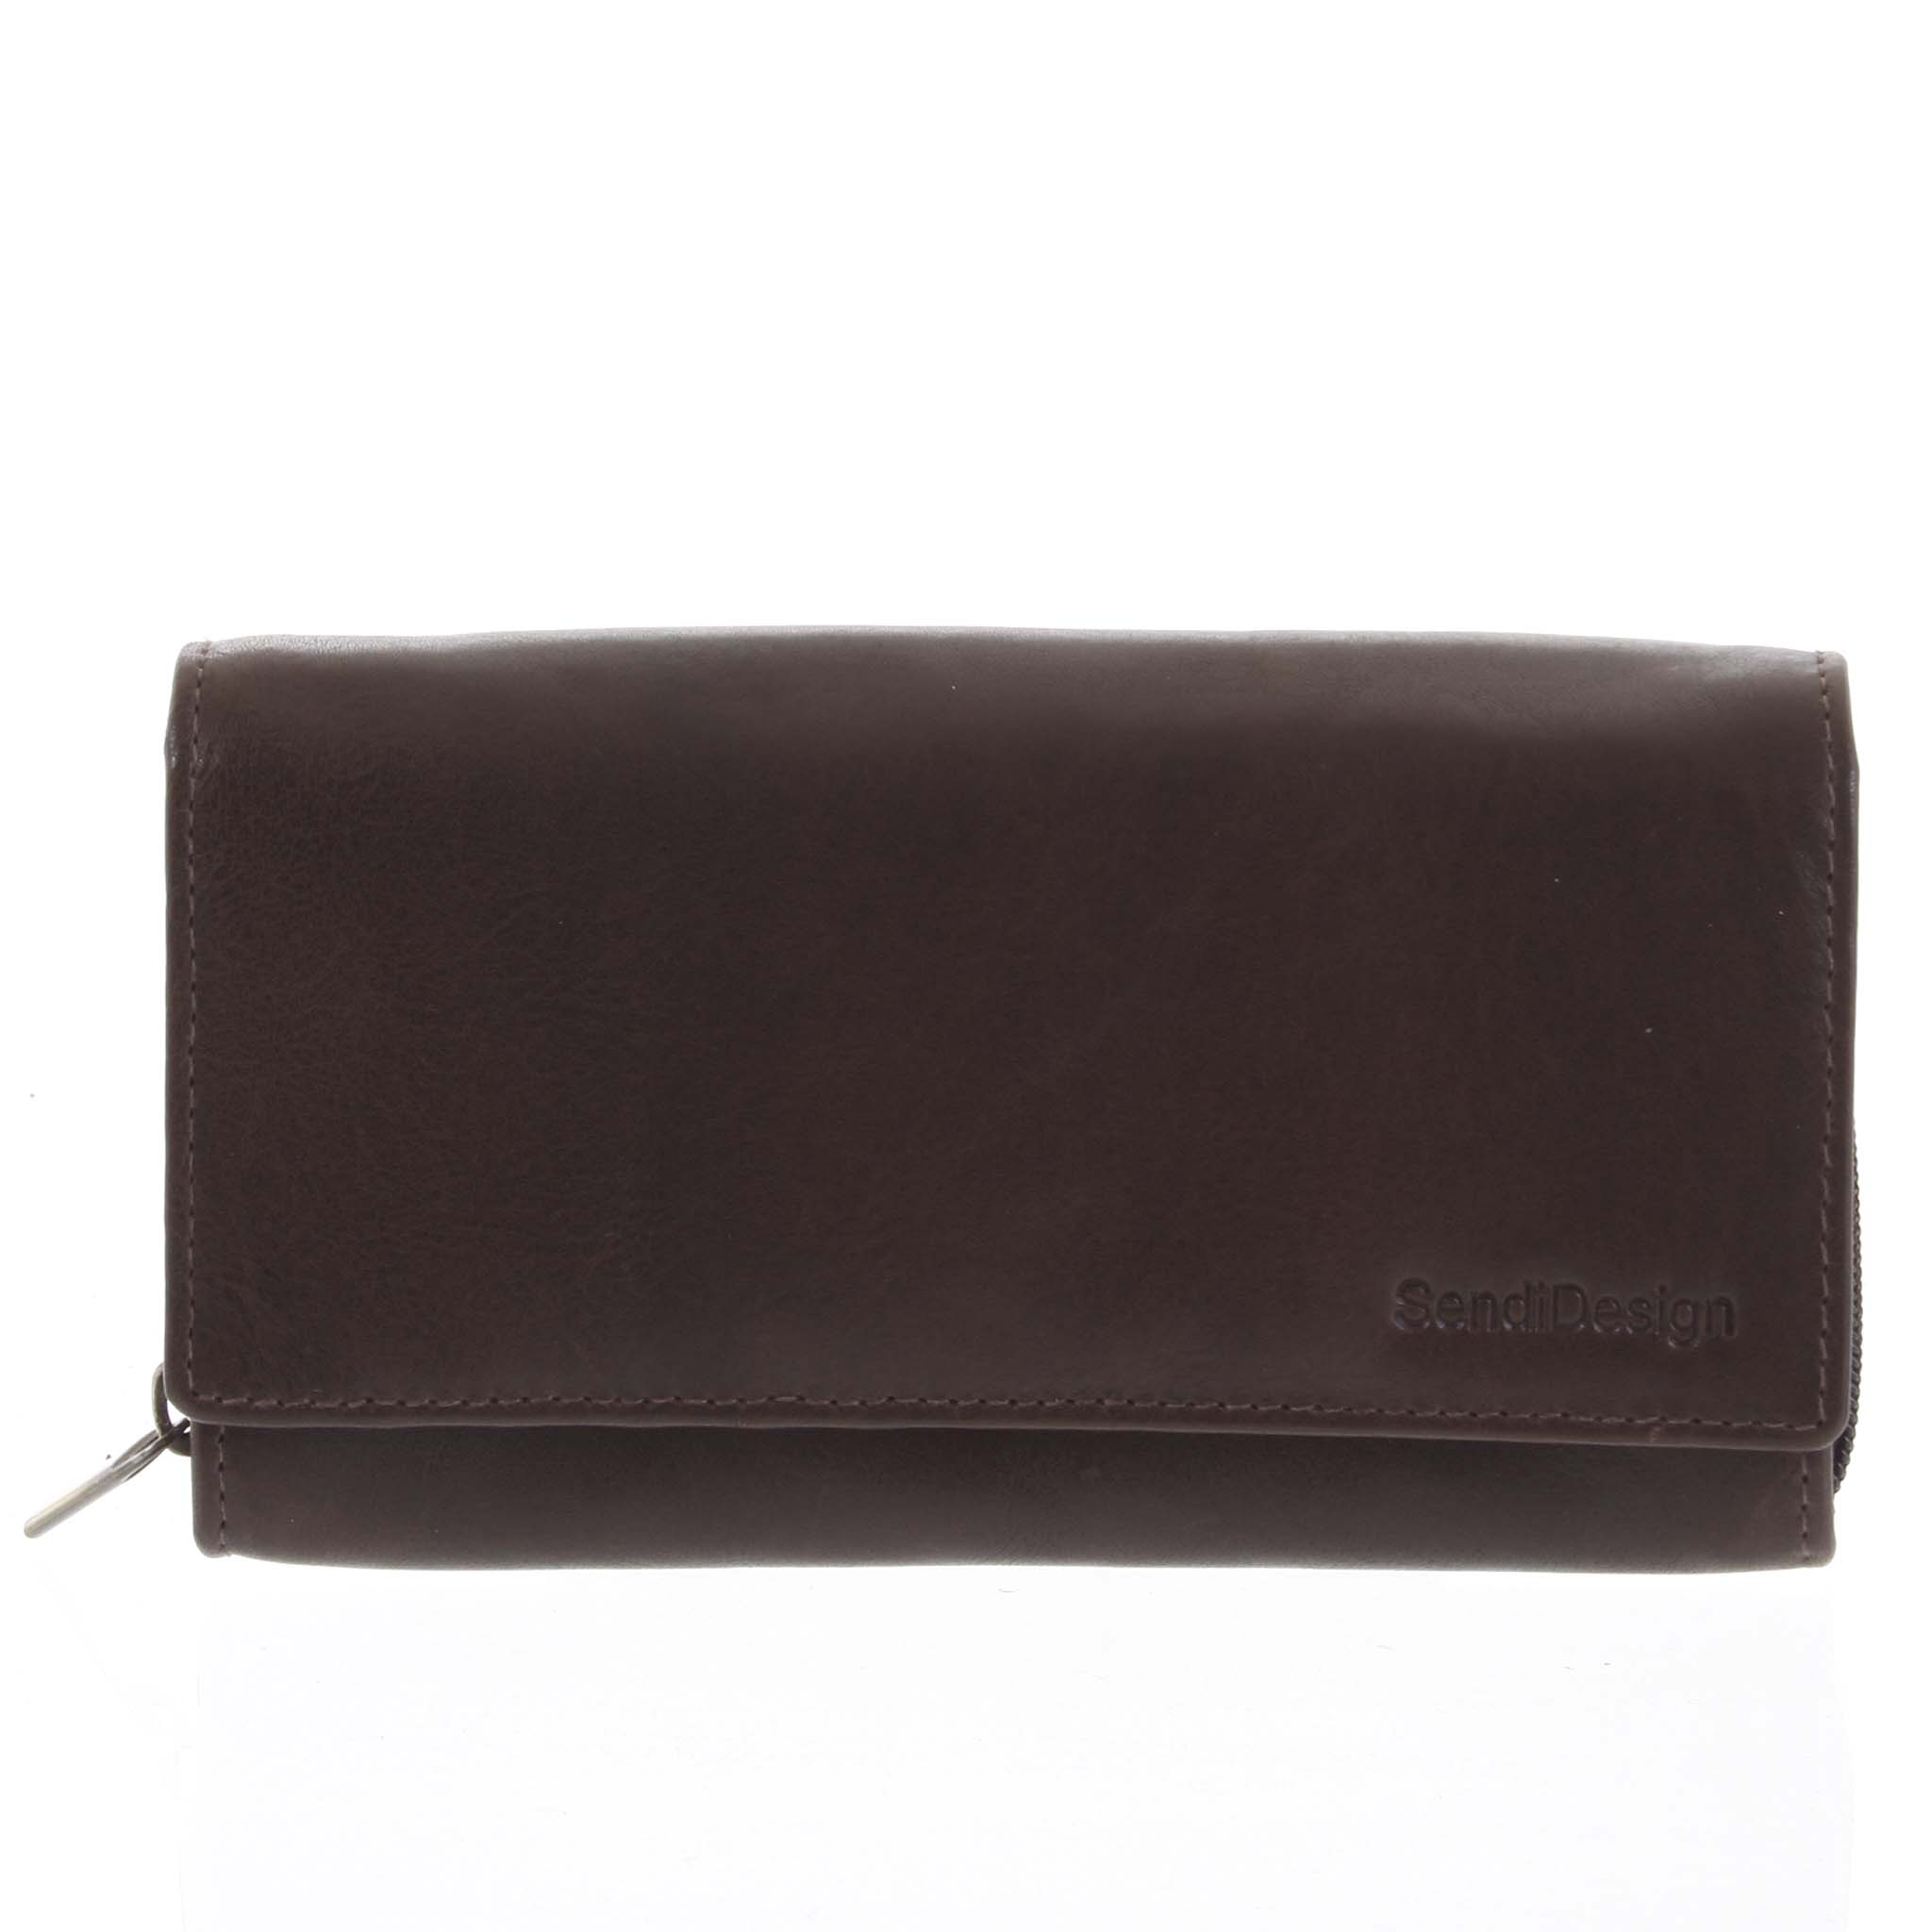 Dámská kožená peněženka tmavě hnědá - SendiDesign Zimbie